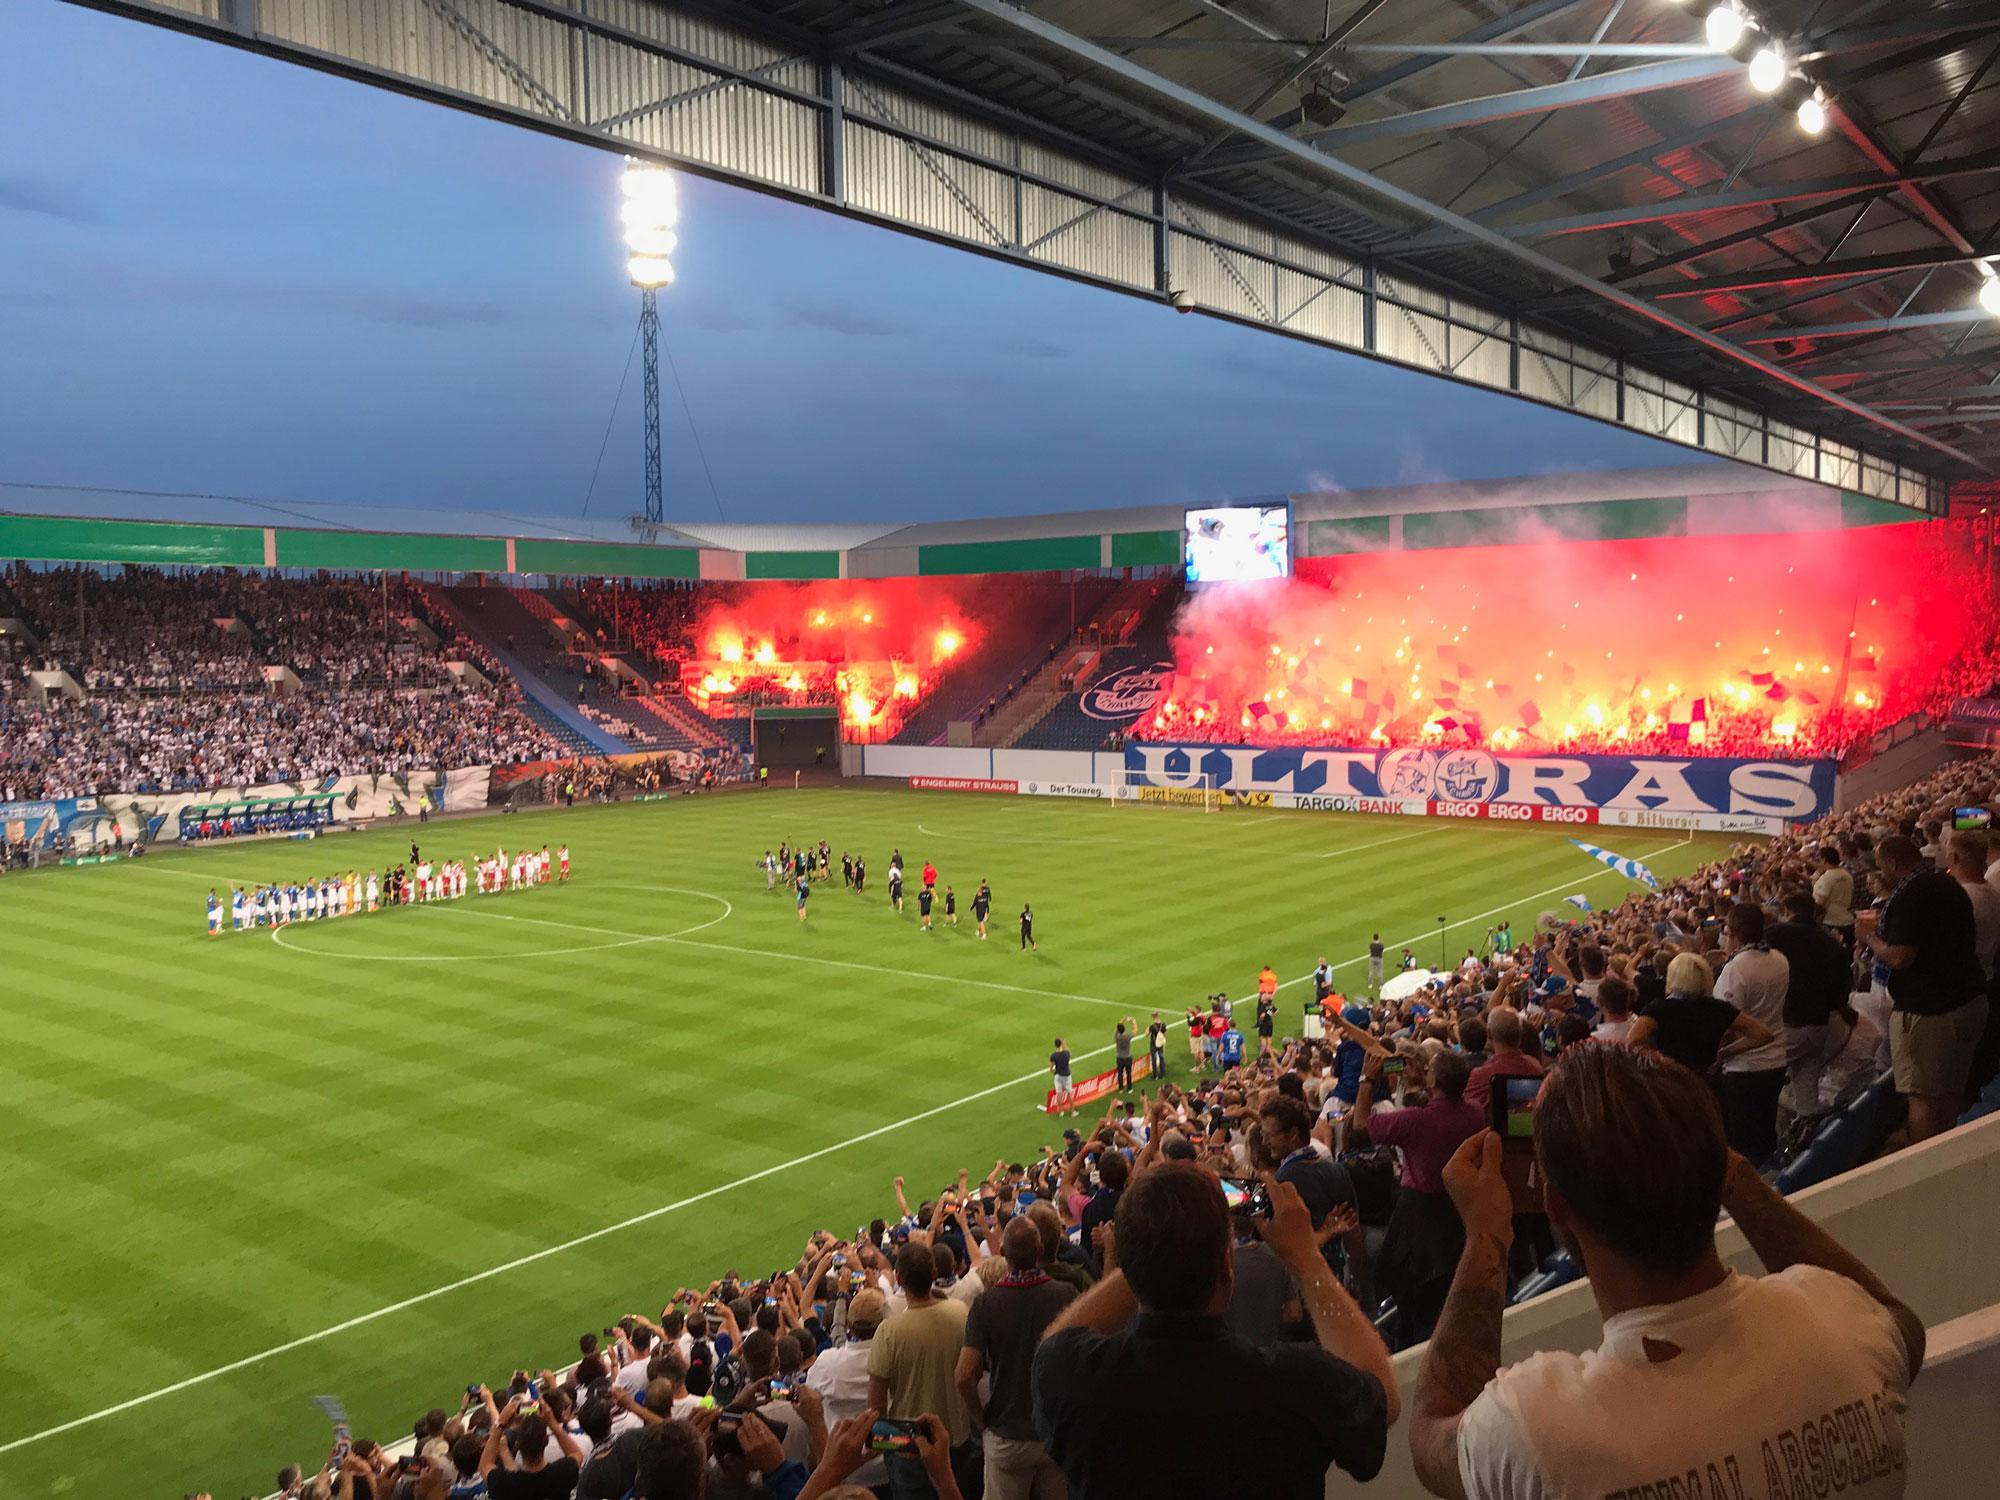 Das Ostssestadion des F.C. Hansa Rostock den Optik Sagawe als Hansaoptiker unterstützt - Hansa gg- den VfB Stuttgart im DFB Pokal 2018